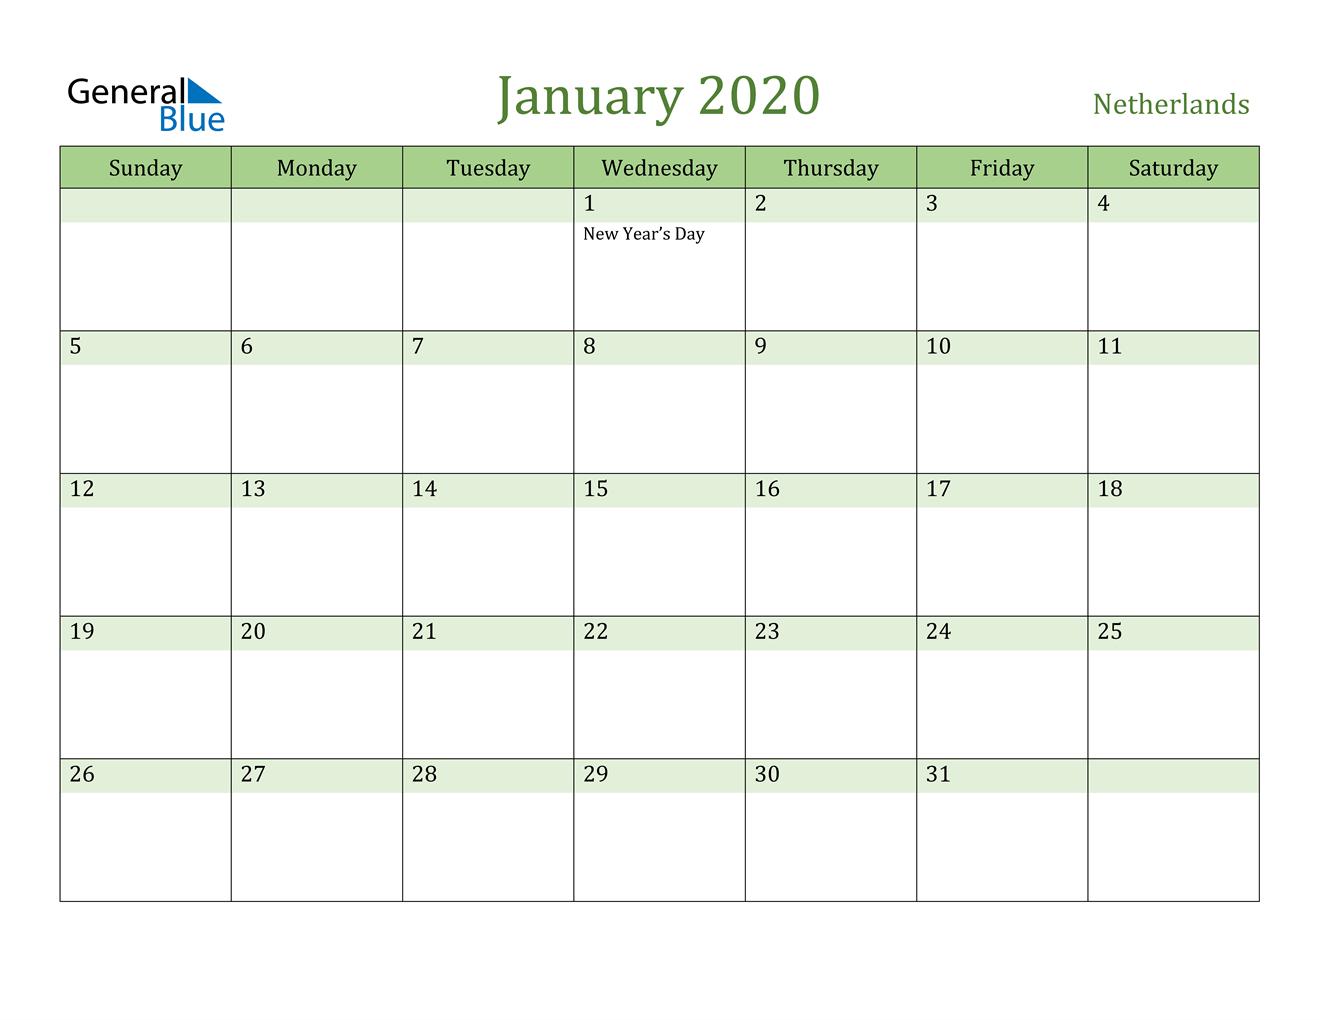 January 2020 Calendar - Netherlands intended for Calendar 2020 Nl